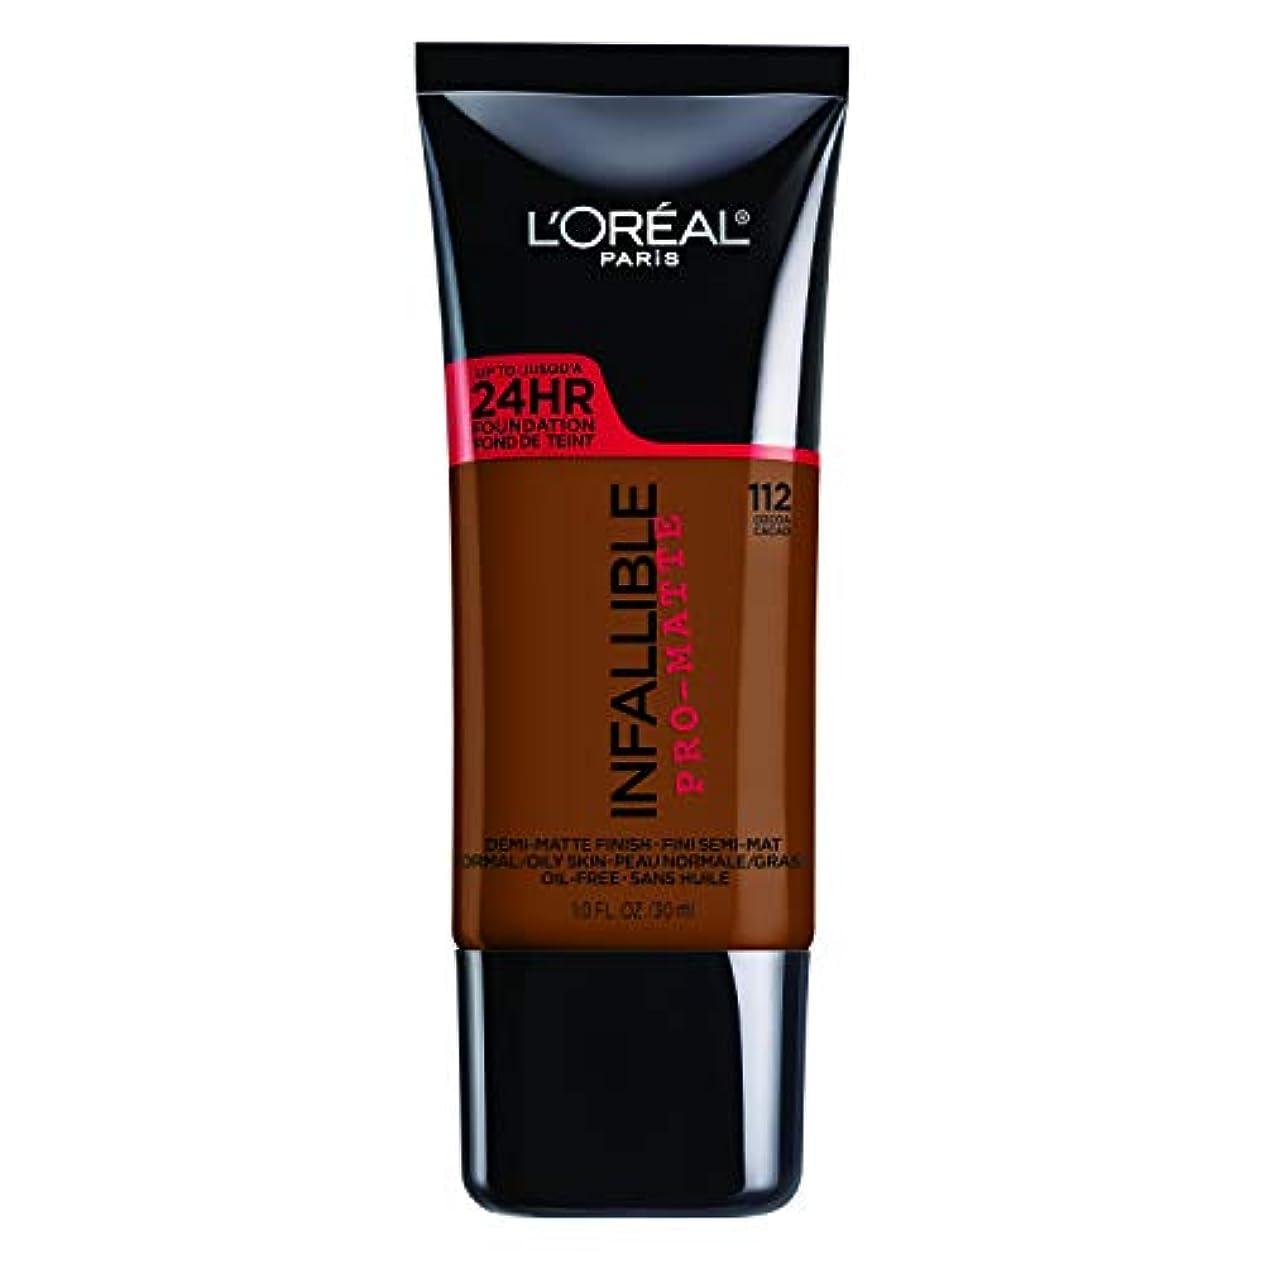 キャンベラ方程式目覚めるL'Oreal Paris Infallible Pro-Matte Foundation Makeup, 112 Cocoa, 1 fl. oz[並行輸入品]